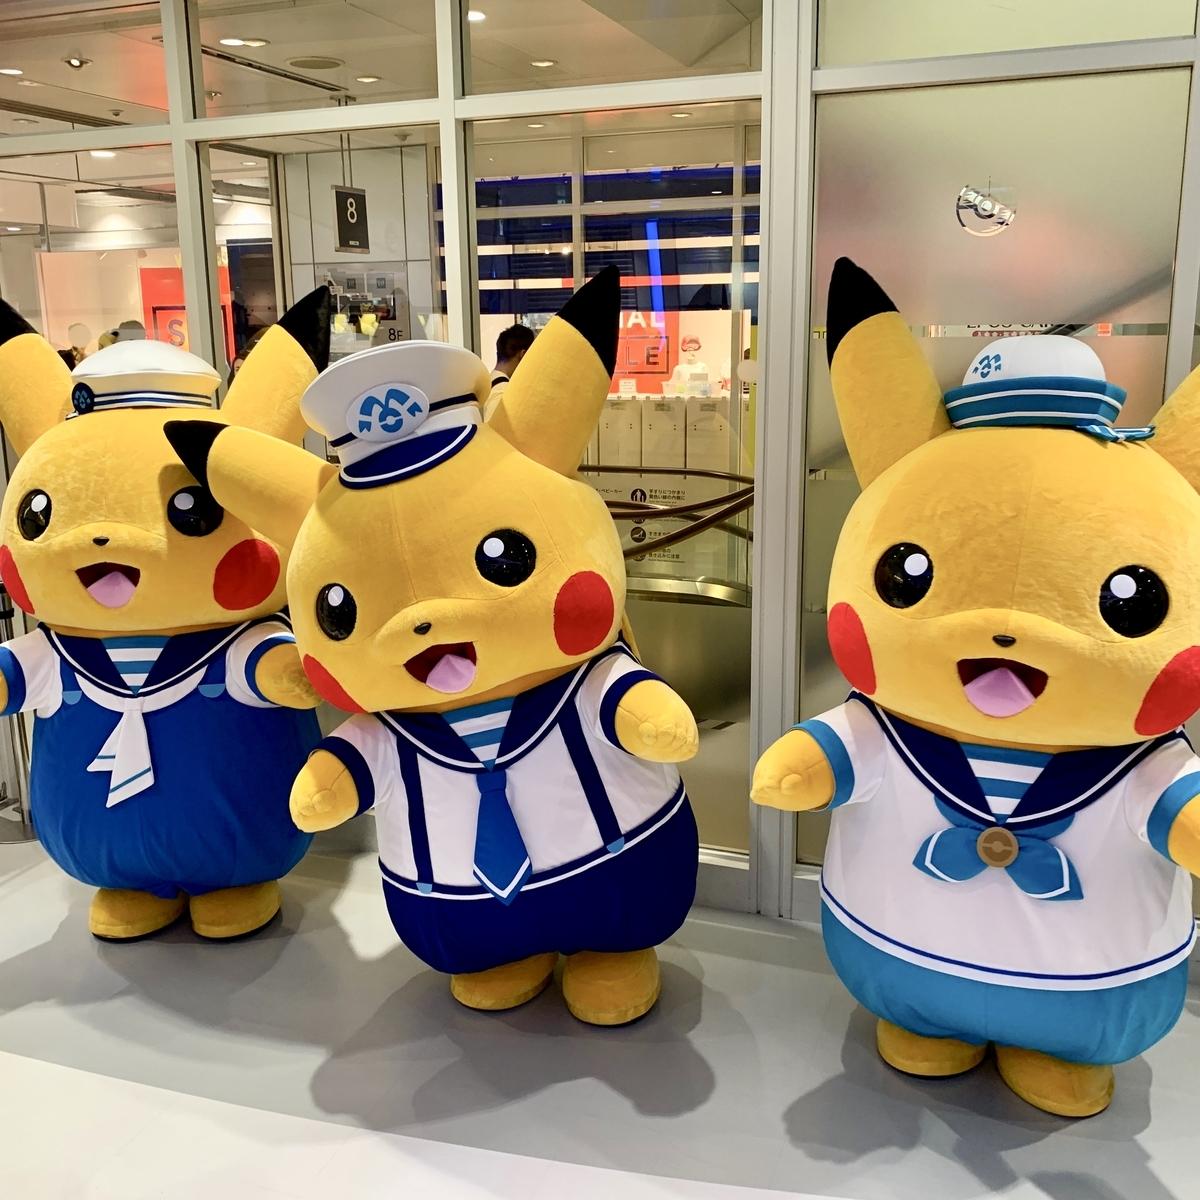 f:id:pikachu_pcn:20190726221523j:plain